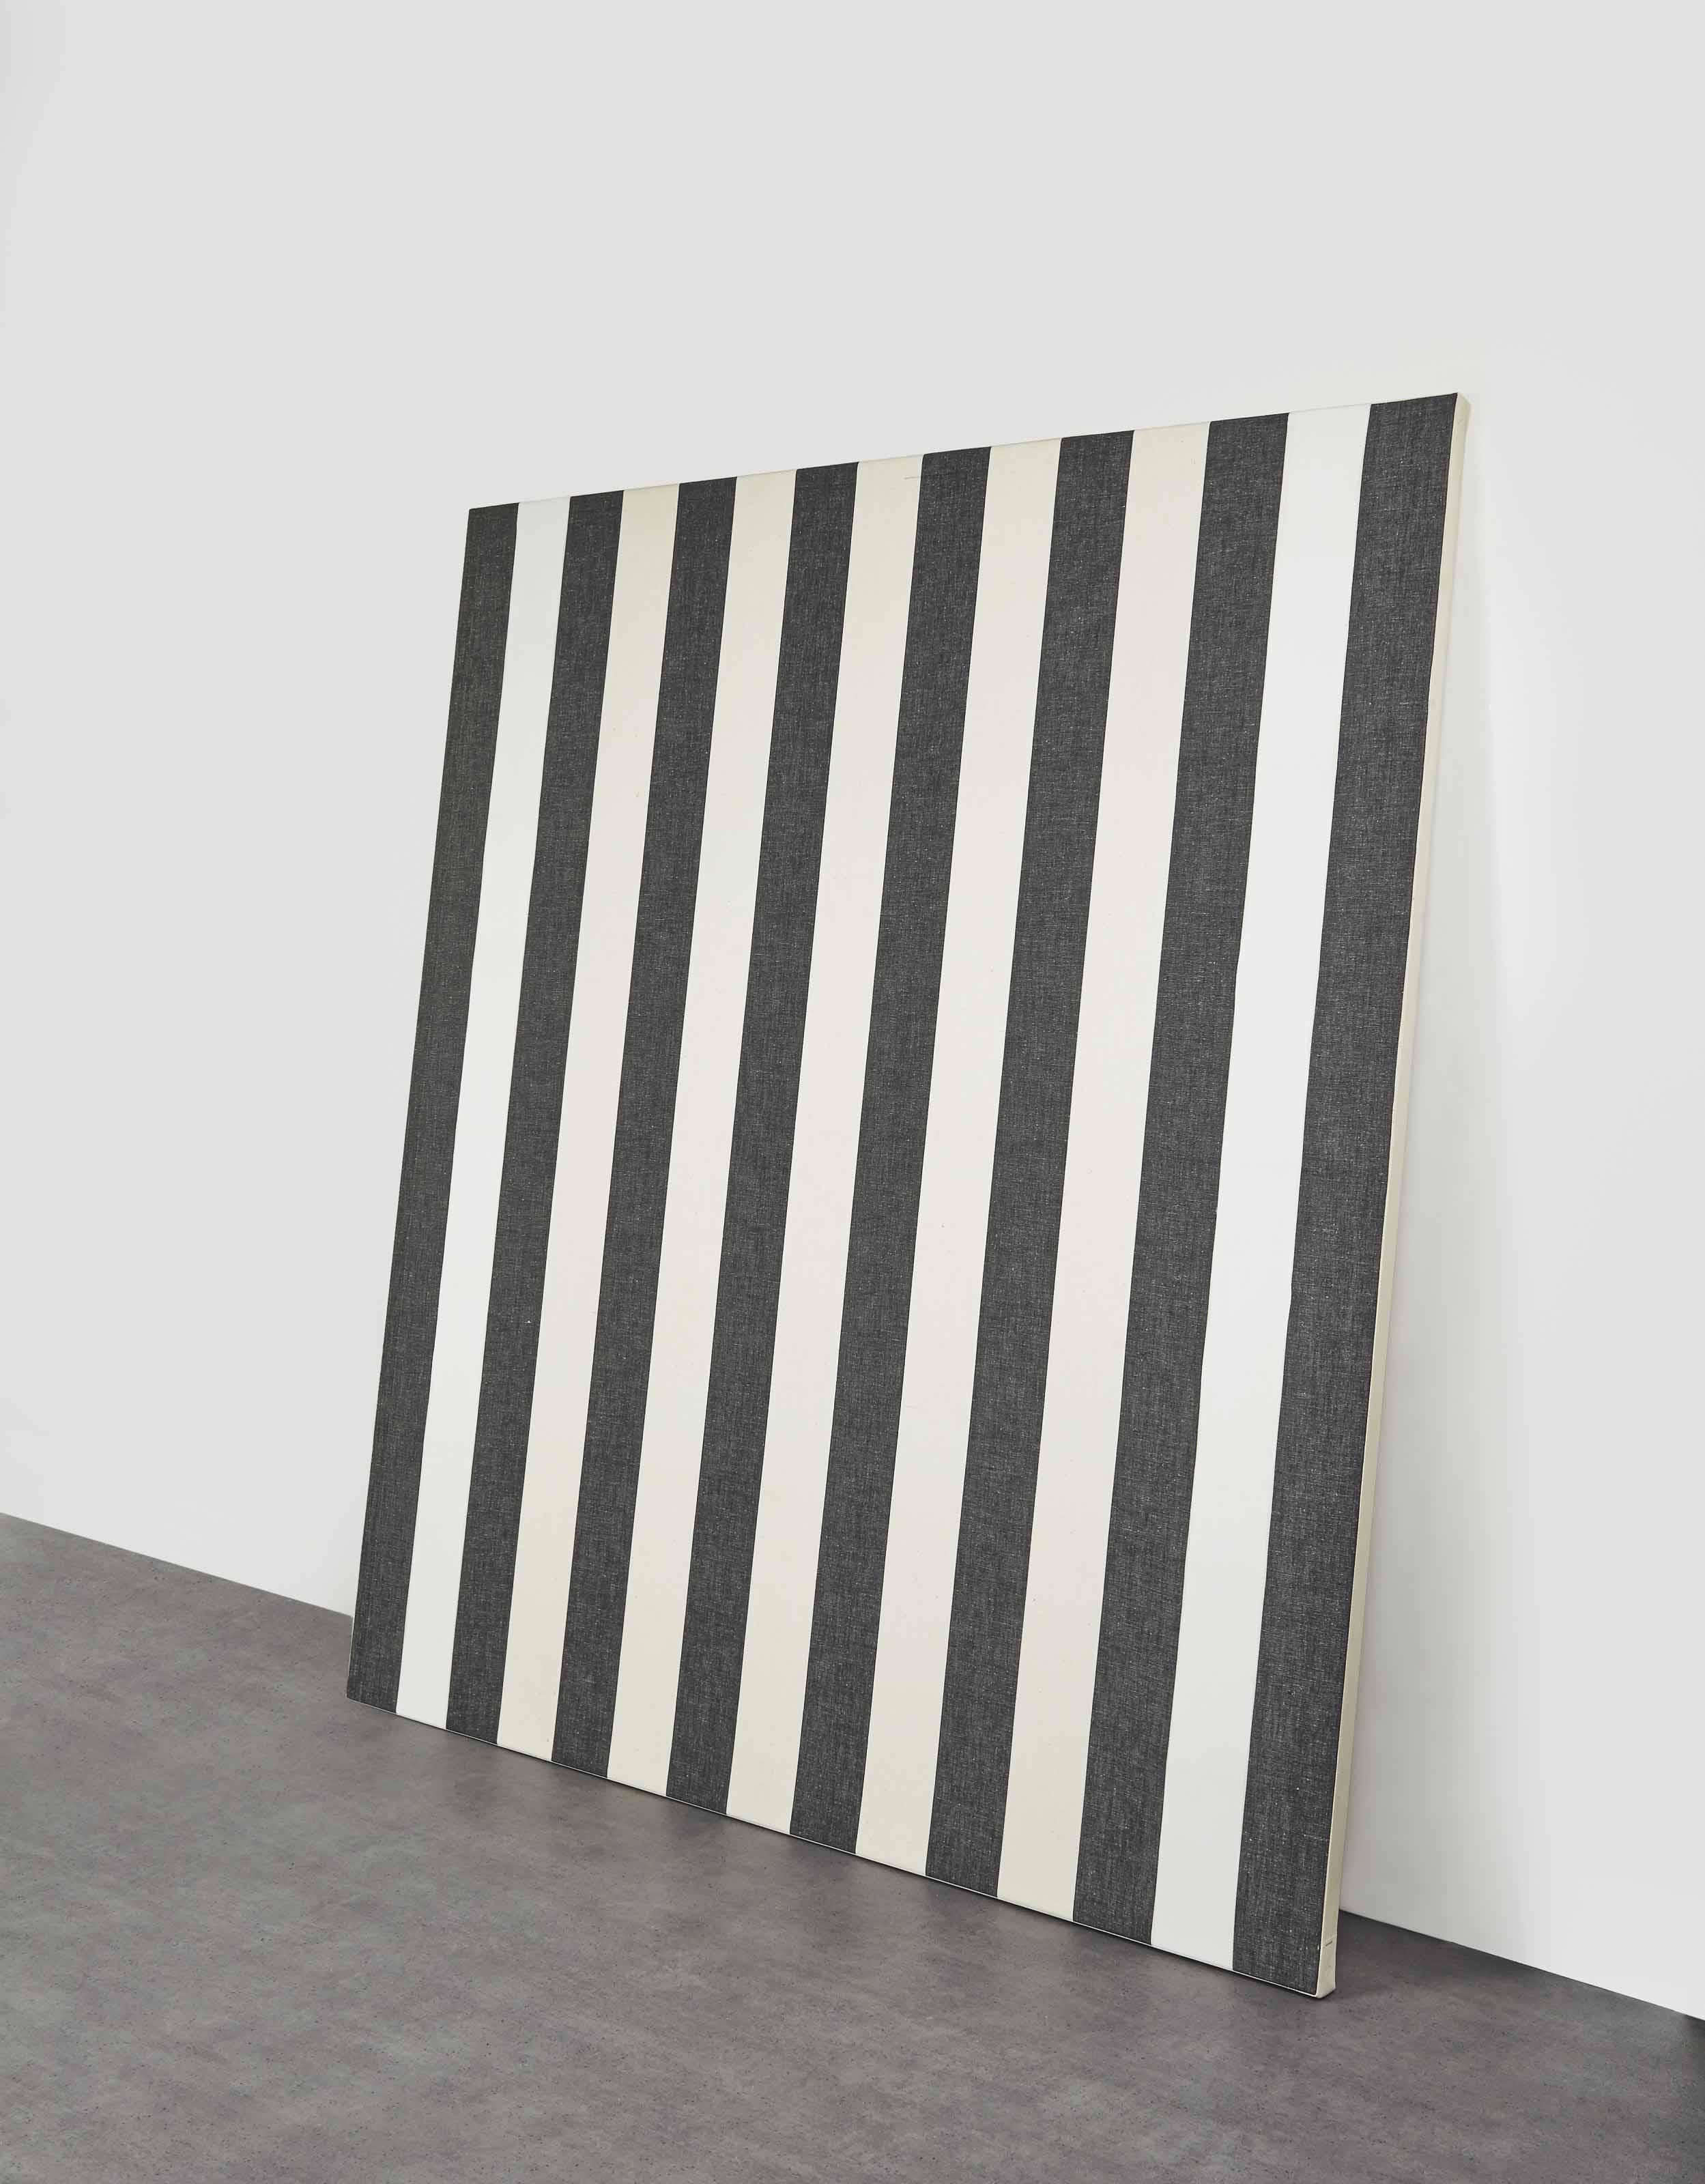 Peinture acrylique blanche sur tissu rayé blanc et noir